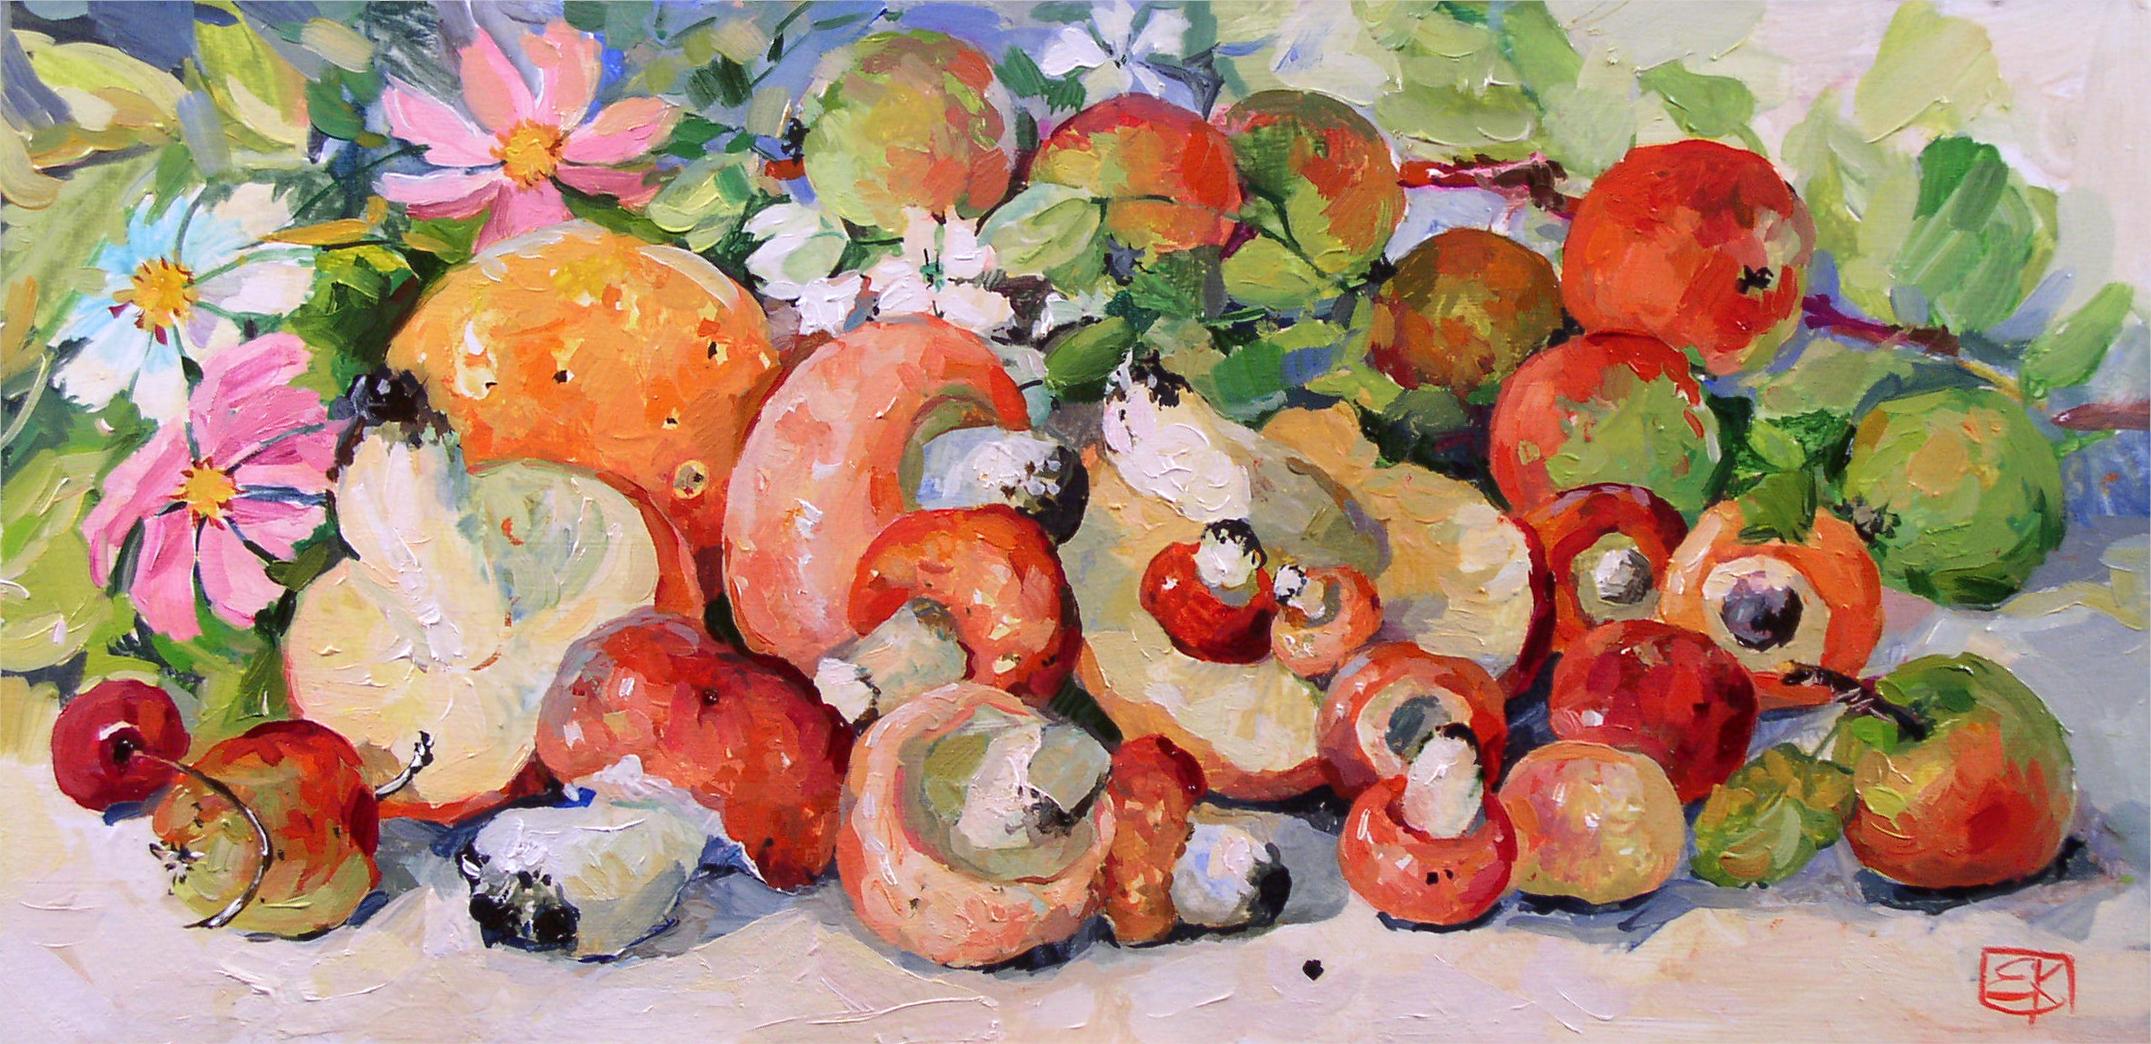 Картина Натюрморт с грибами Новые передвижники художник Корнеева